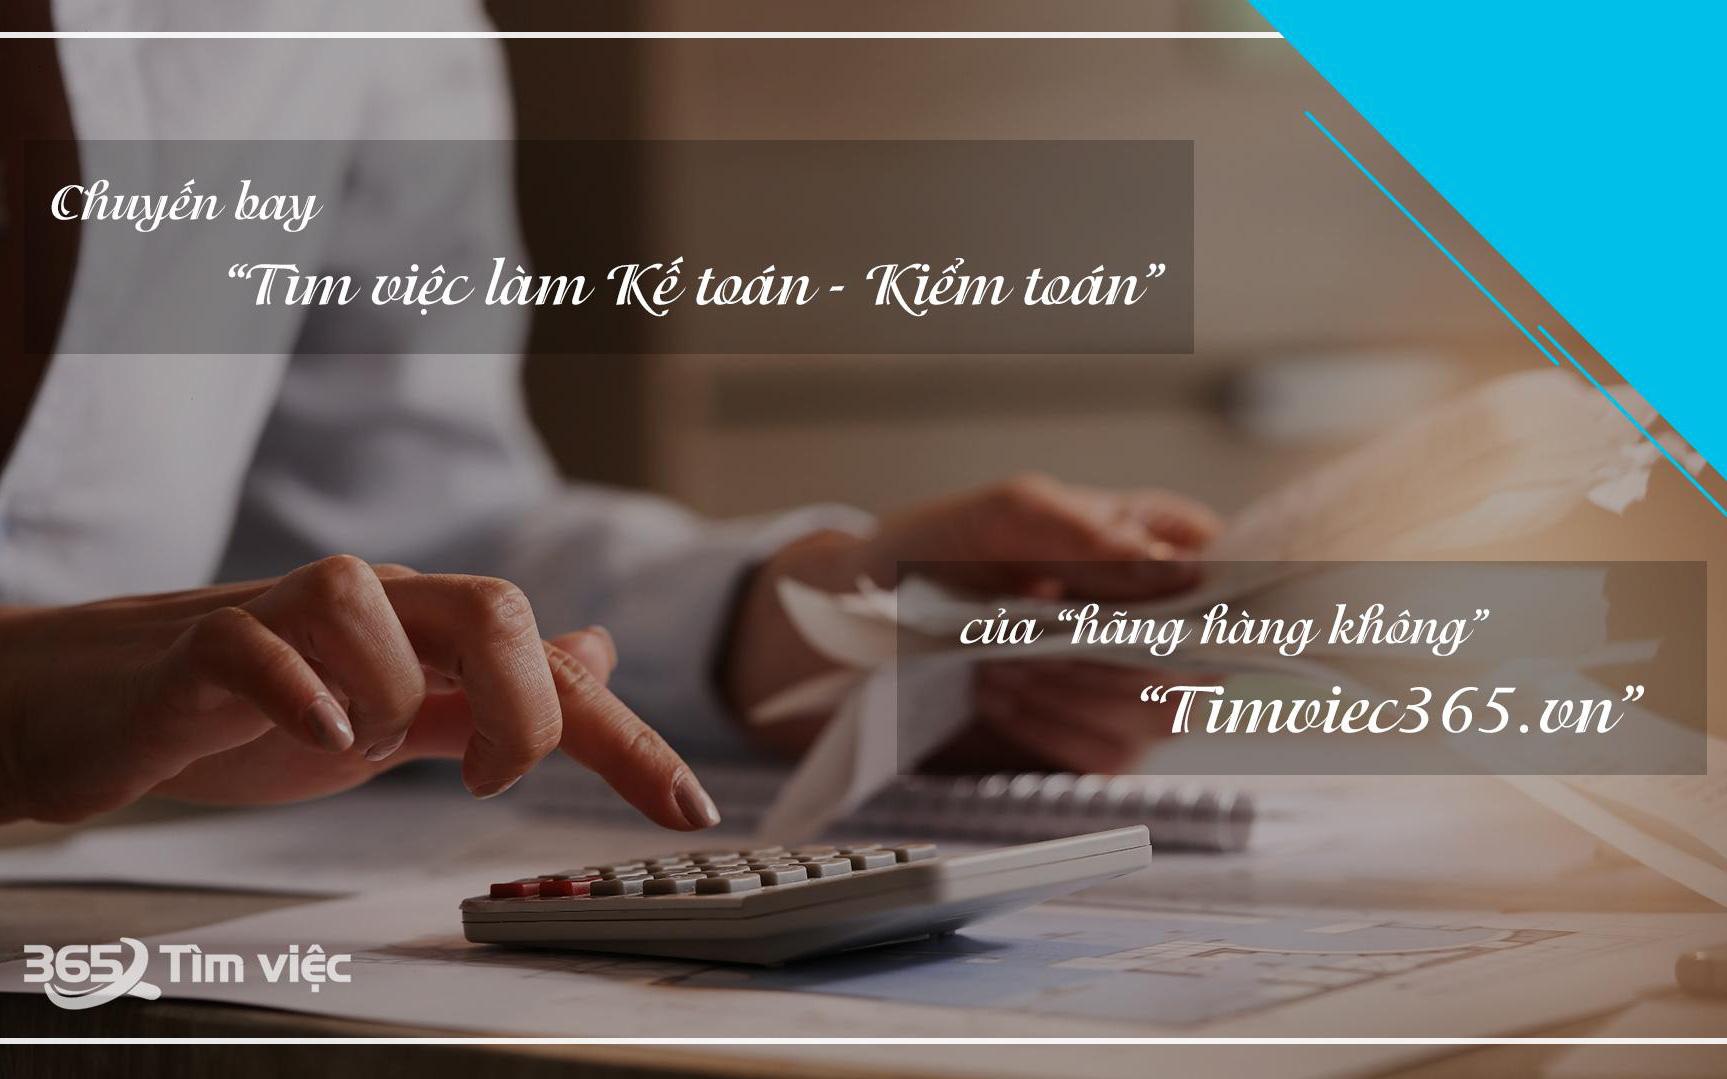 Website timviec365.vn – điểm đến tin cậy cho người tìm việc làm kế toán, kiểm toán